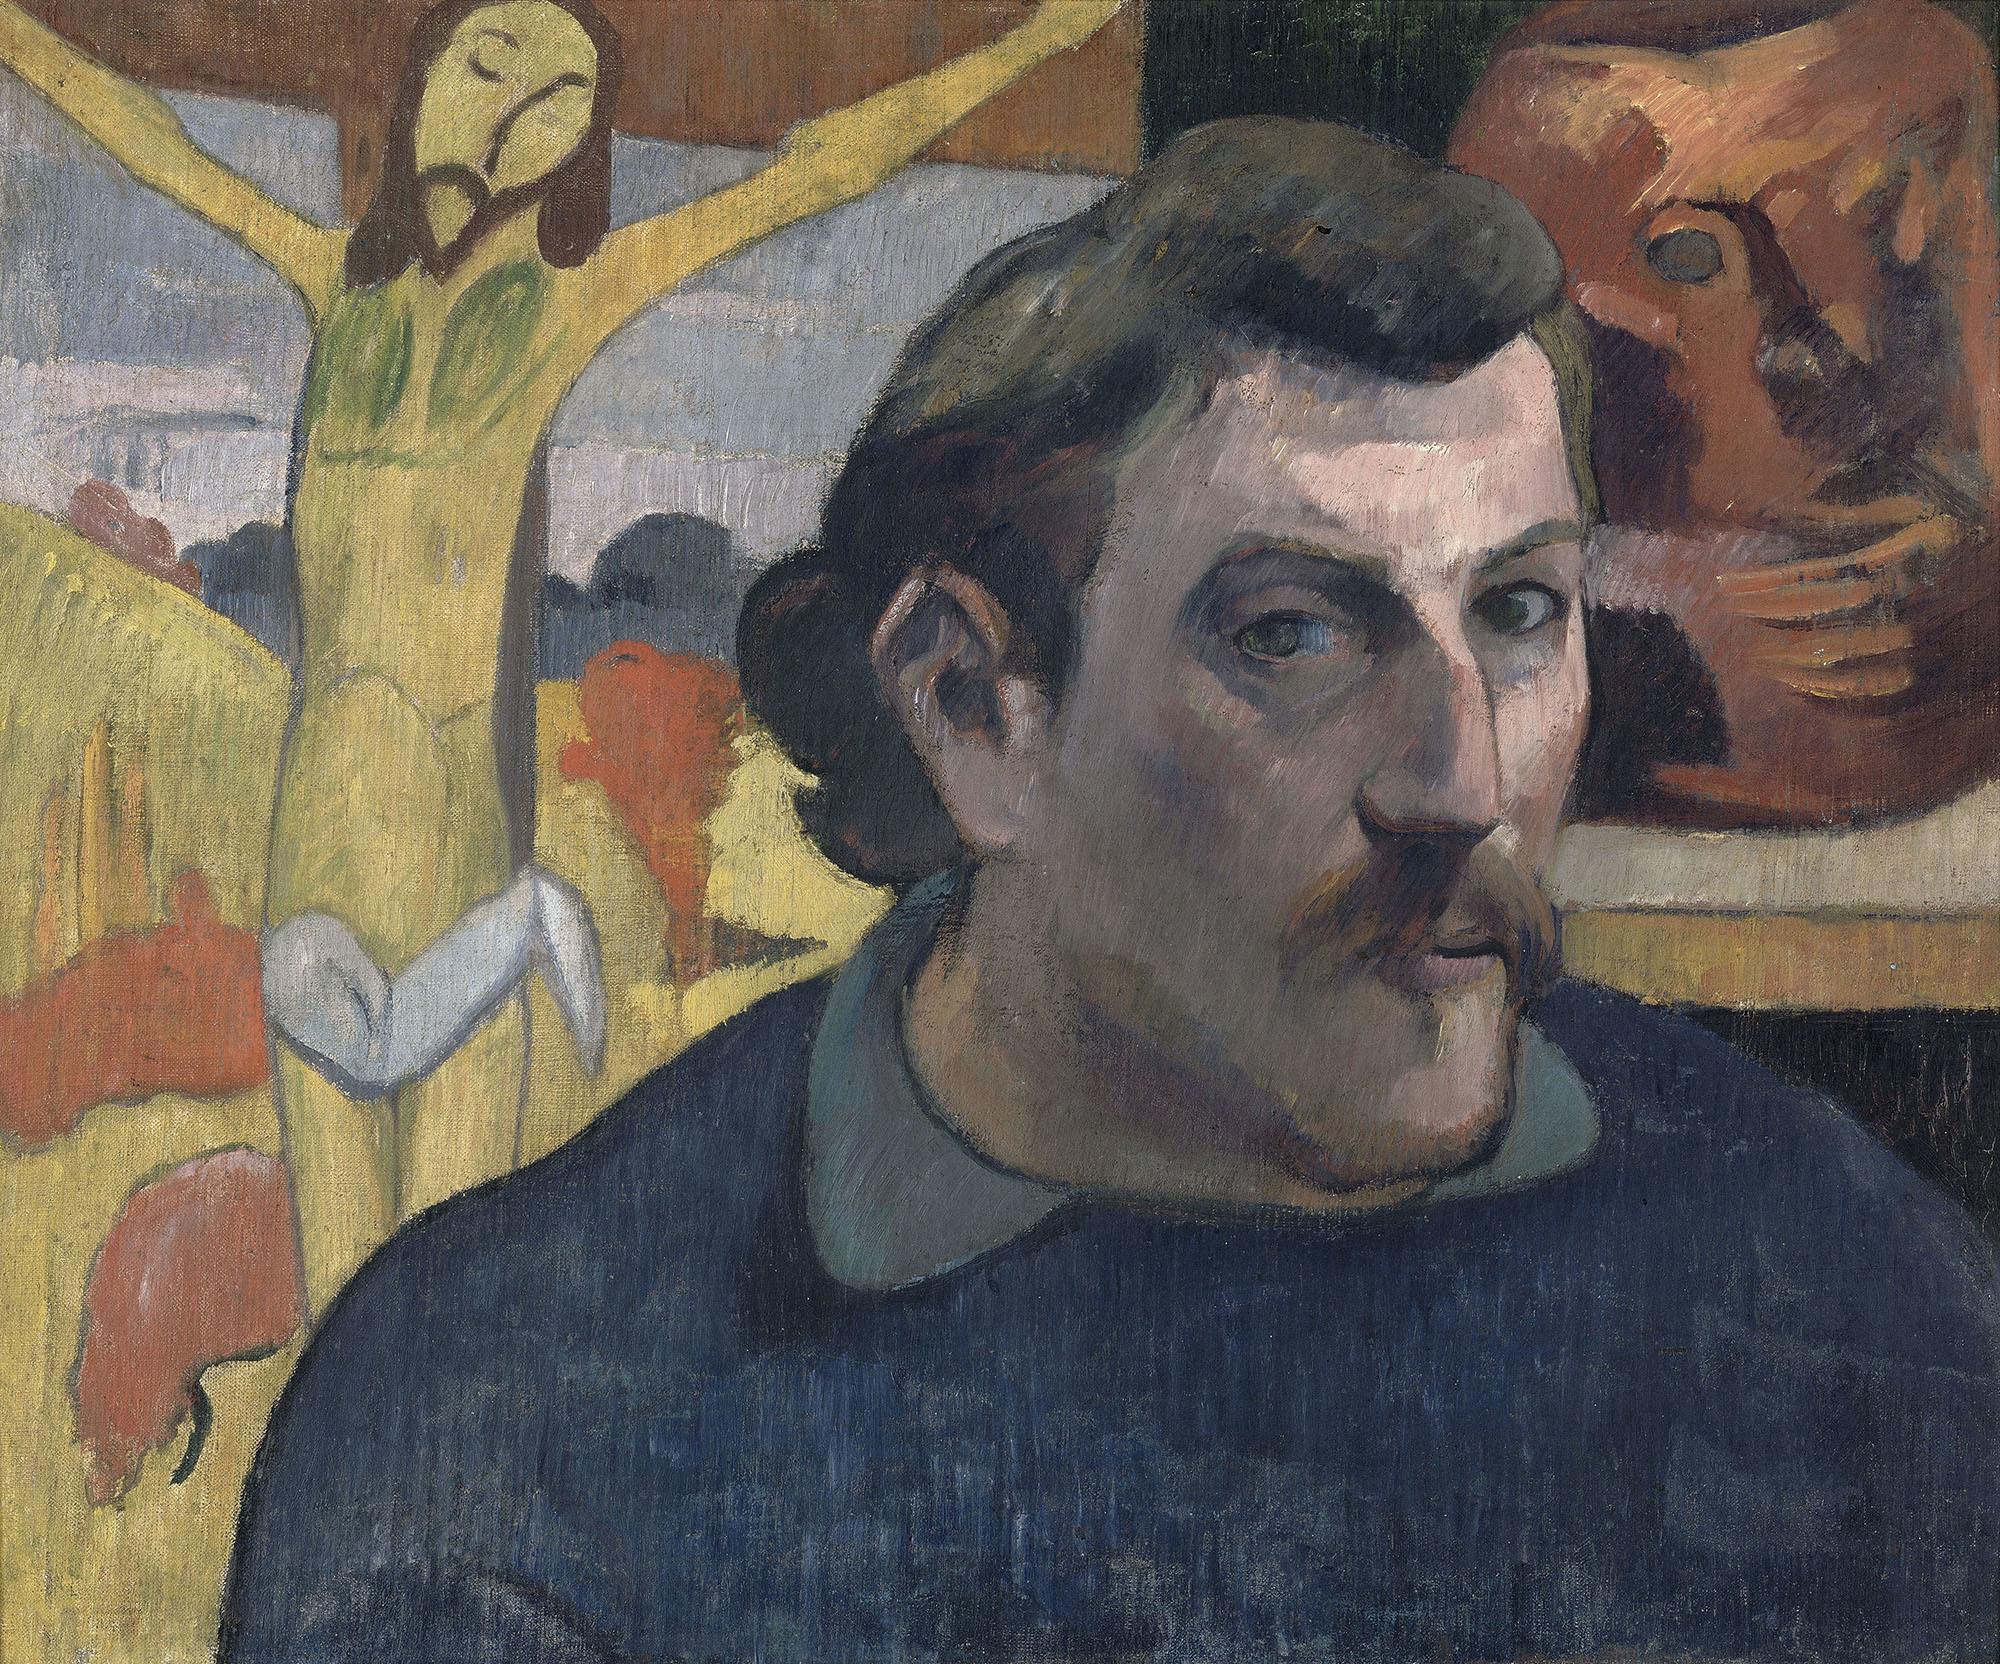 ポール・ゴーガン 《「黄色いキリスト」のある自画像》 1890-1891年 油彩/カンヴァス © RMN-Grand Palais (musée d'Orsay) / René-Gabriel Ojéda / distributed by AMF